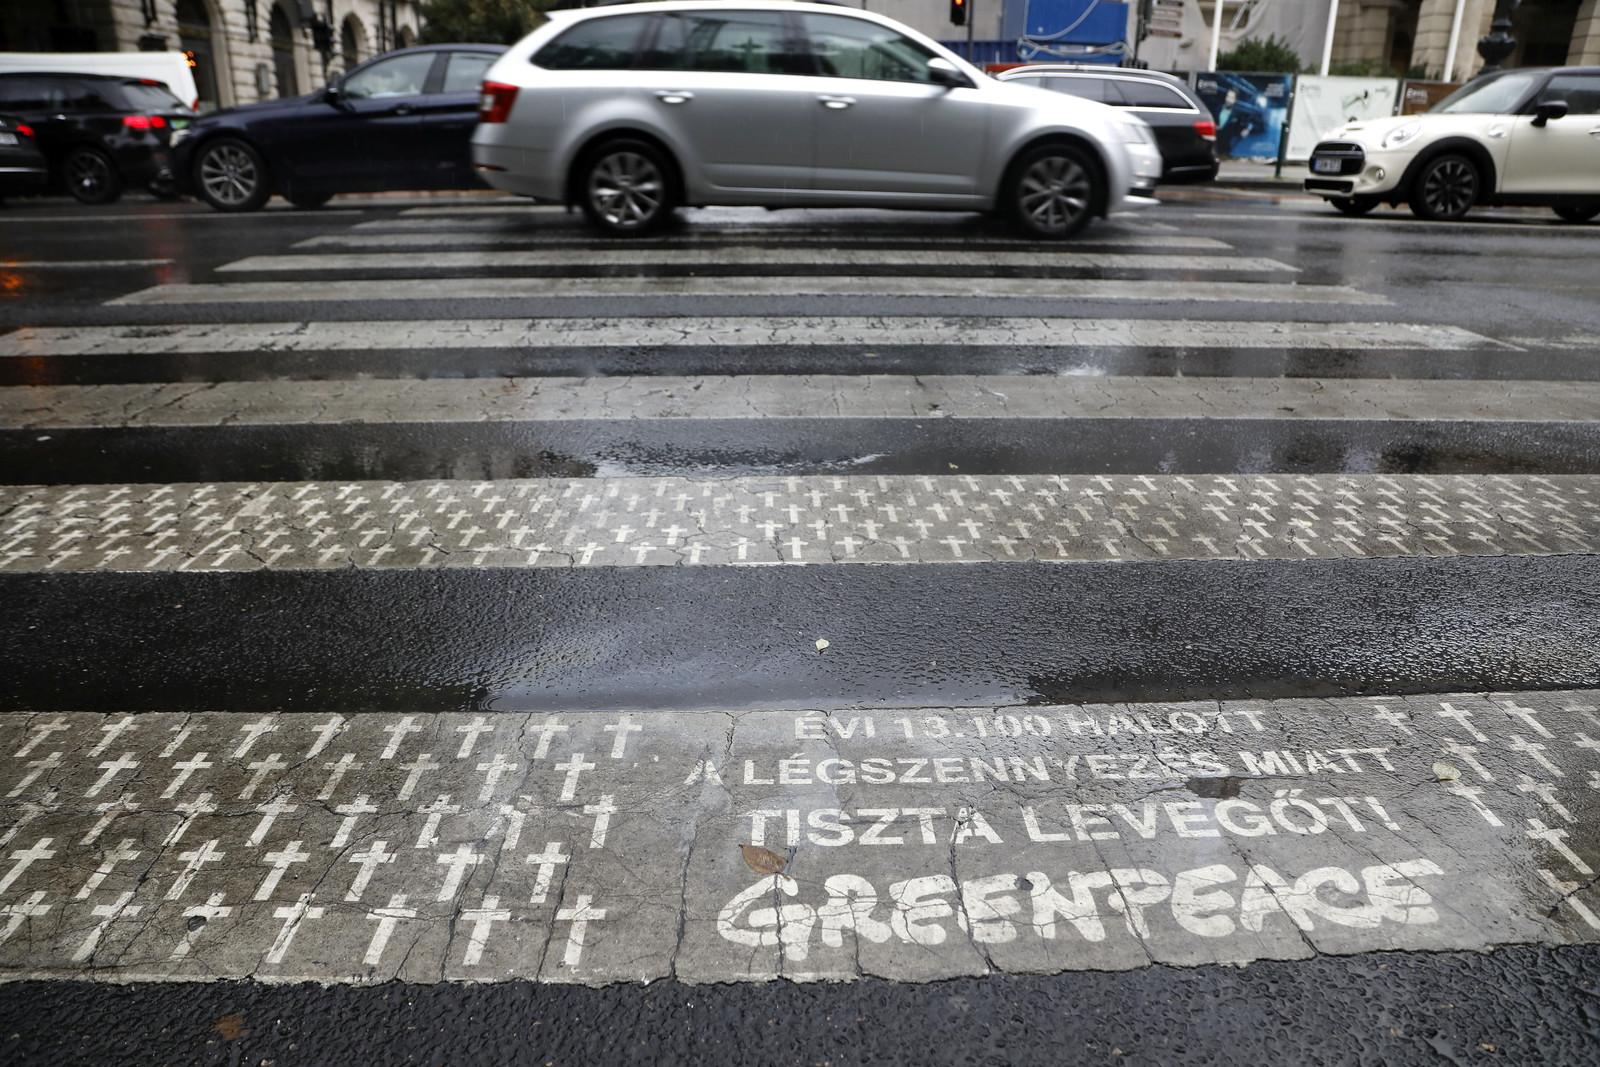 Greenpeace: többszörösen meghaladjuk a WHO ajánlásait a légszennyezés terén, lépéseket sürgetnek